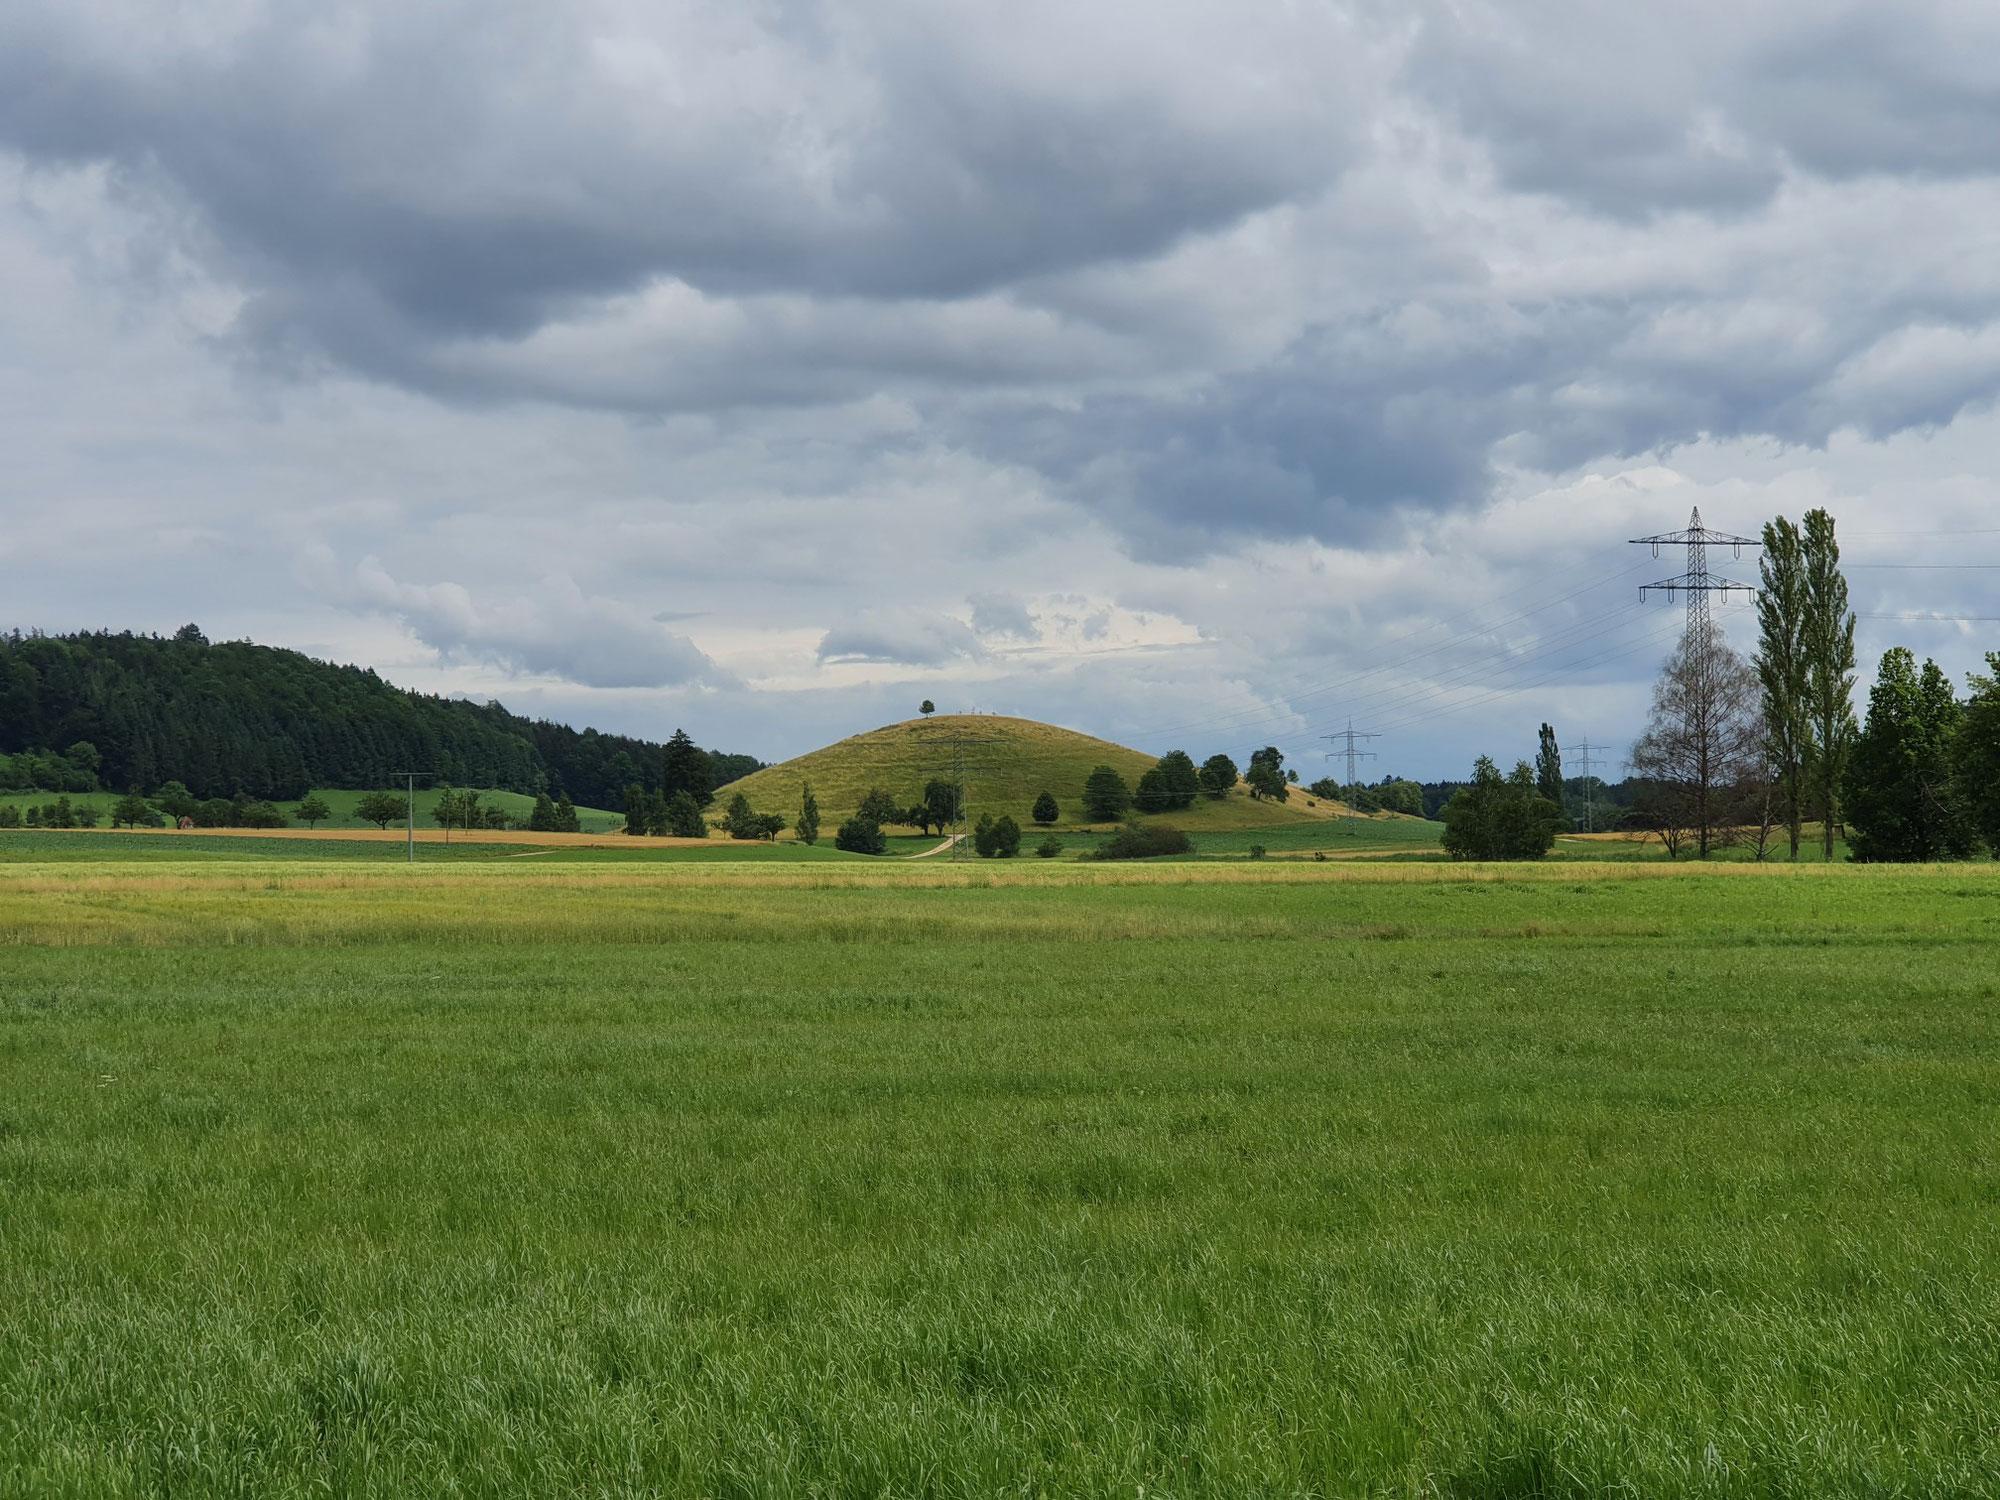 Velotour, Erster Test: Haldengut - Hödingen